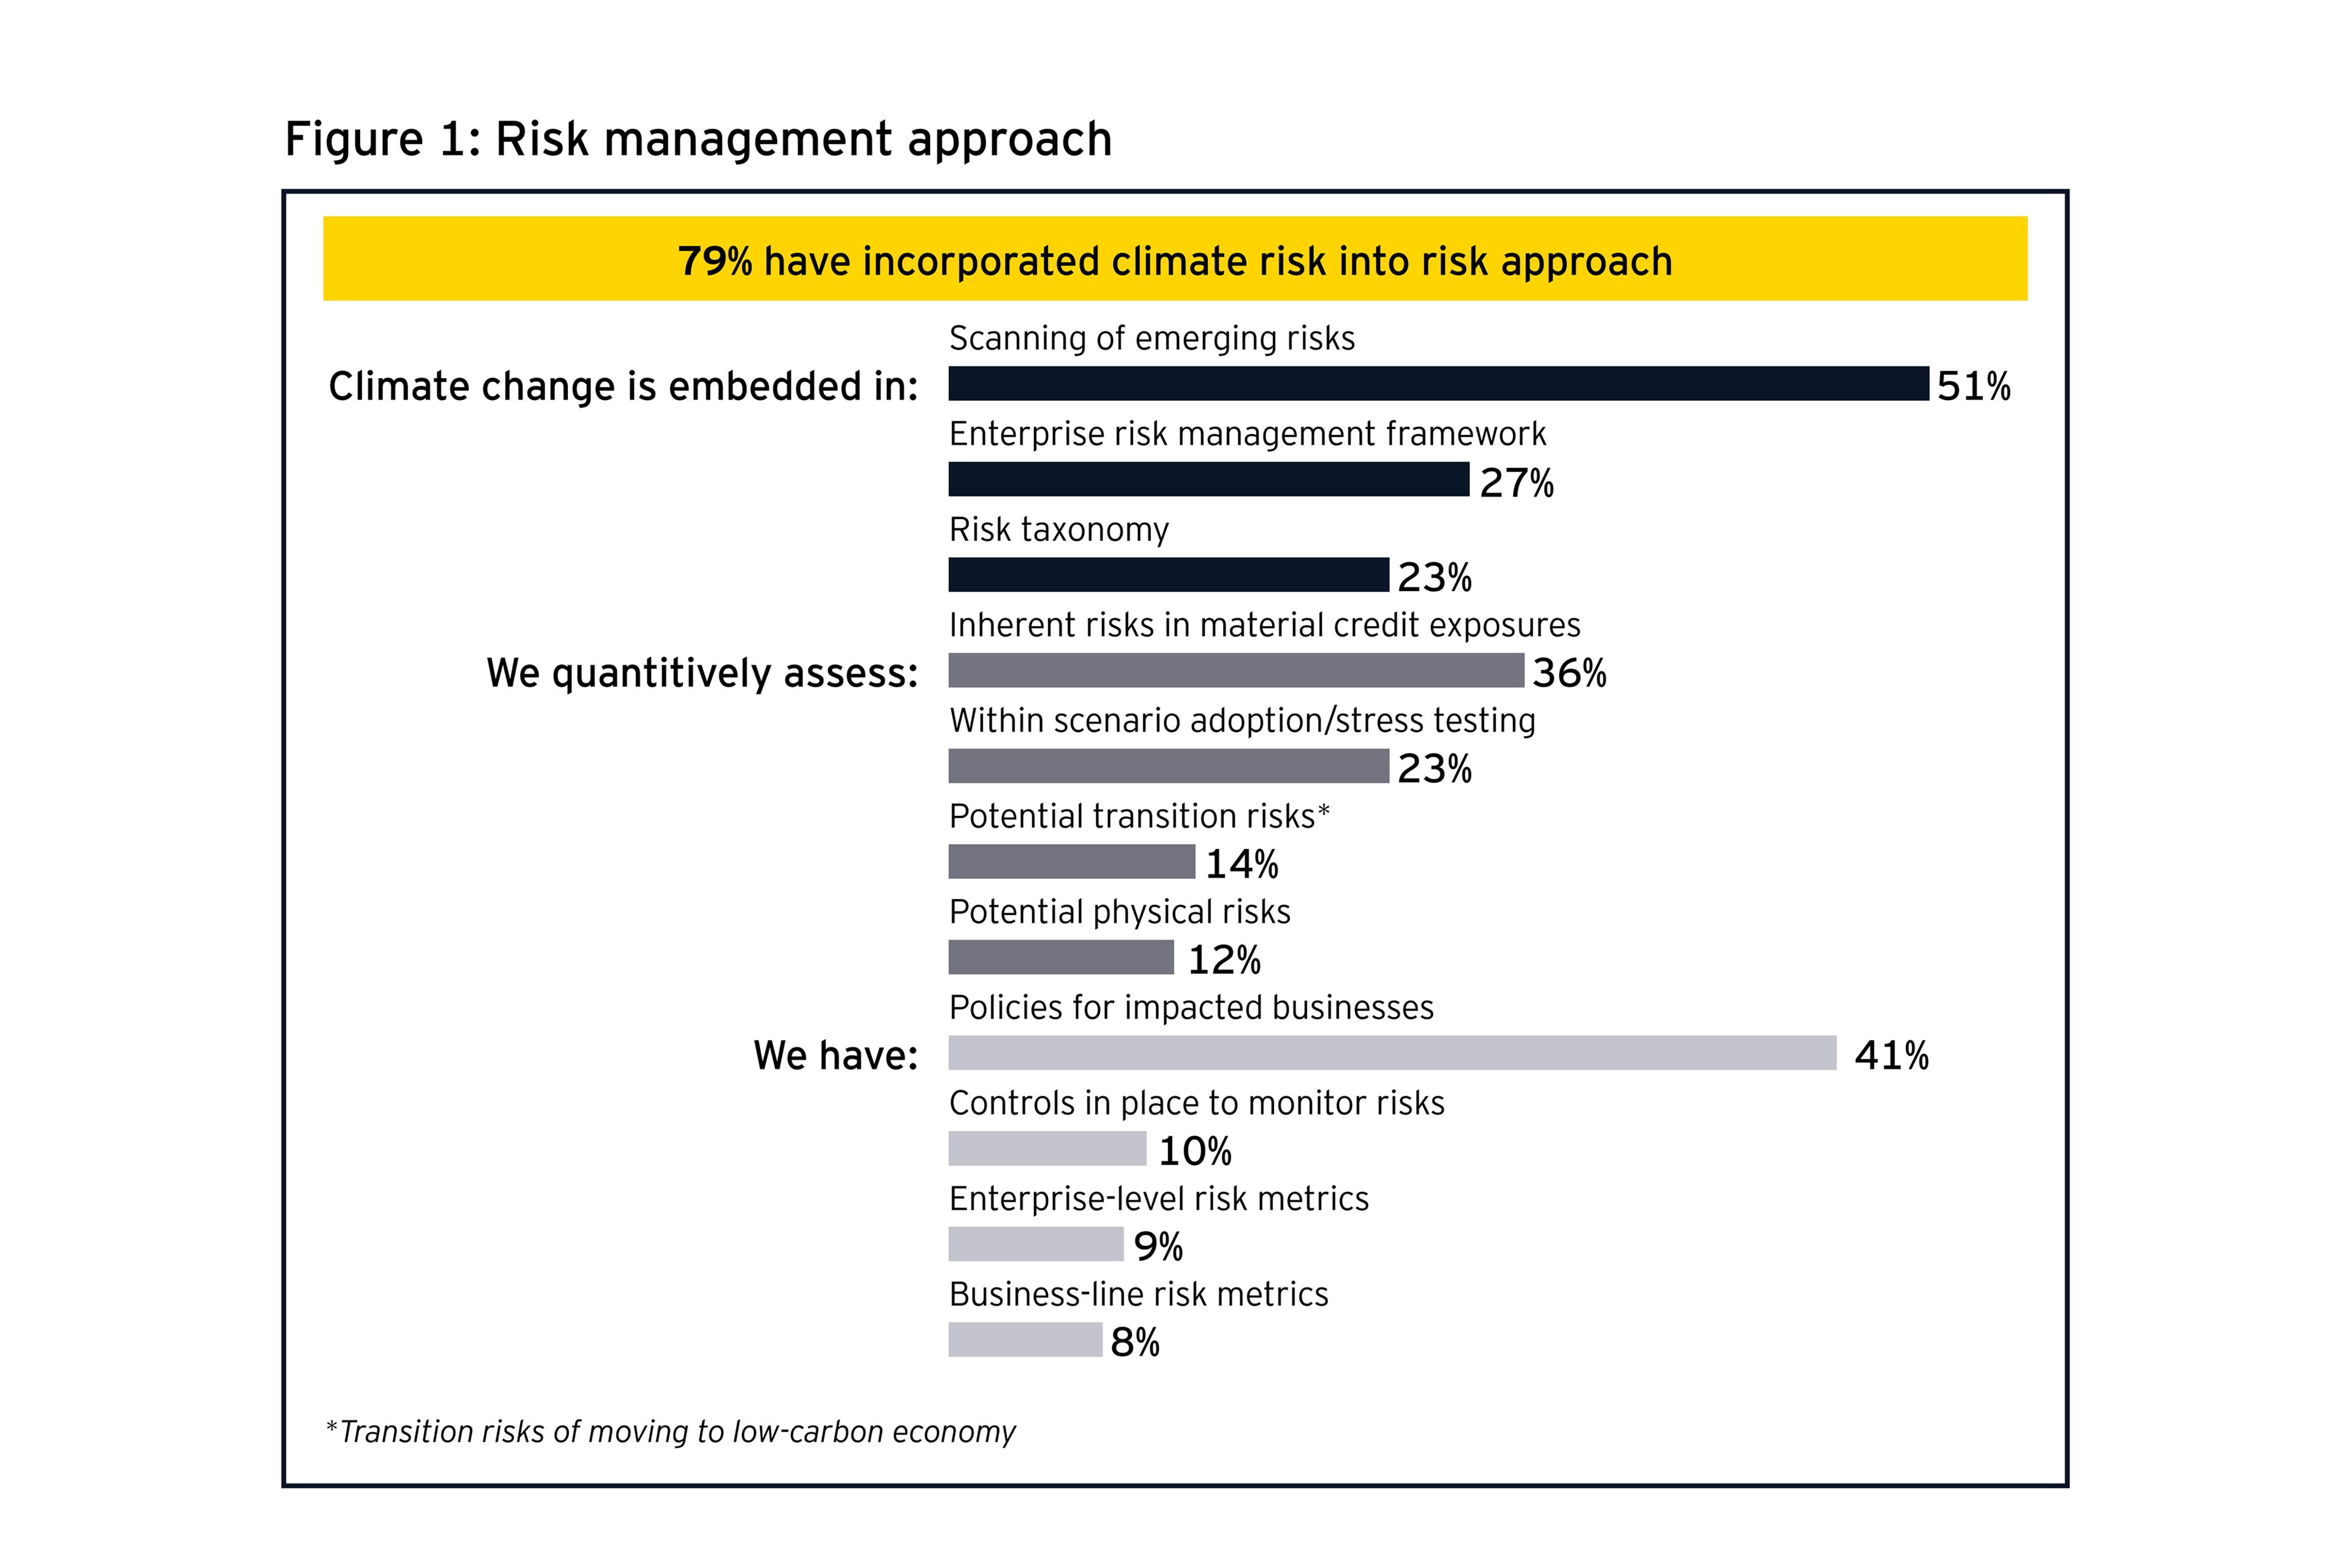 リスク管理アプローチ